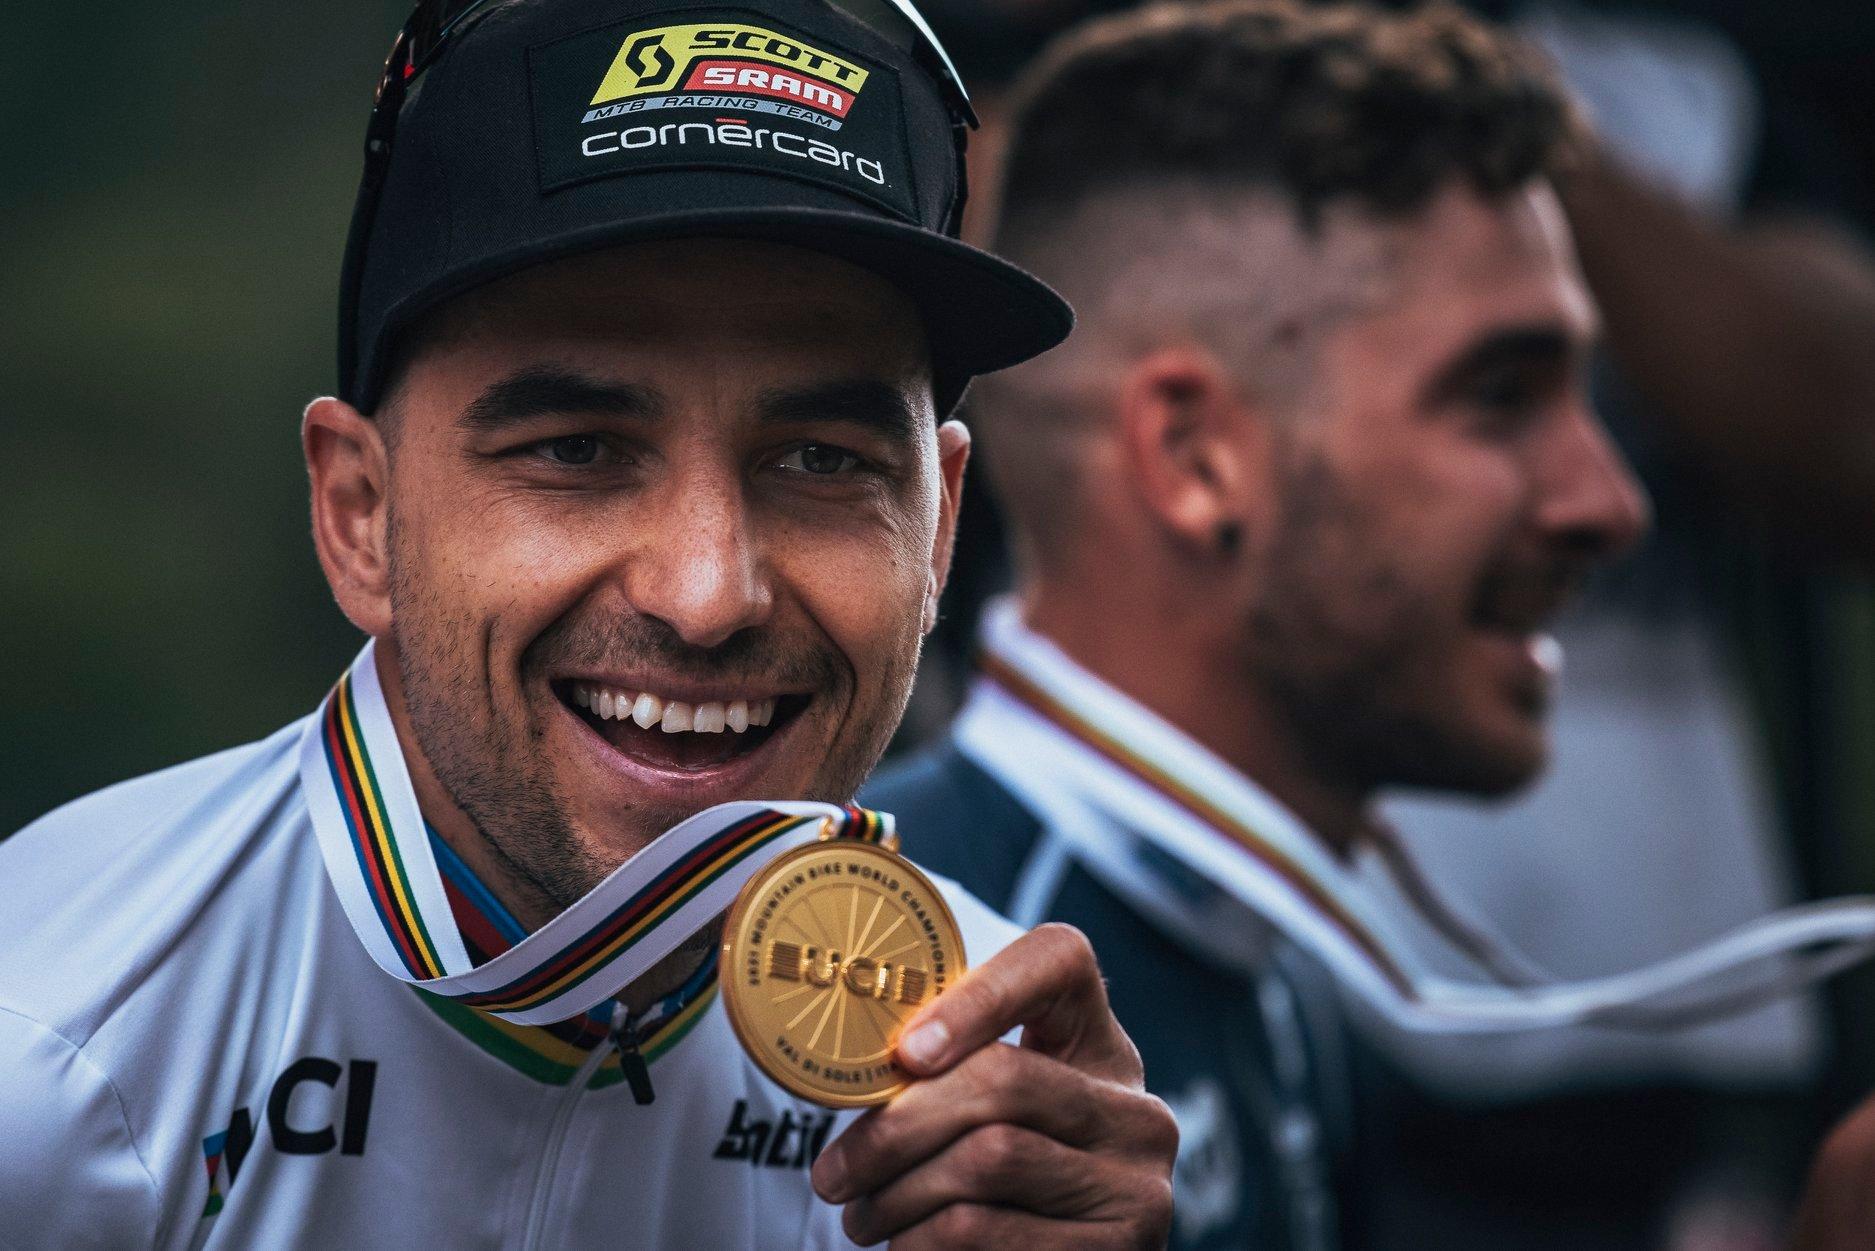 Nino Schurter Mistrzem Świata. Po raz DZIEWIĄTY! | MŚ MTB 2021, Val di Sole